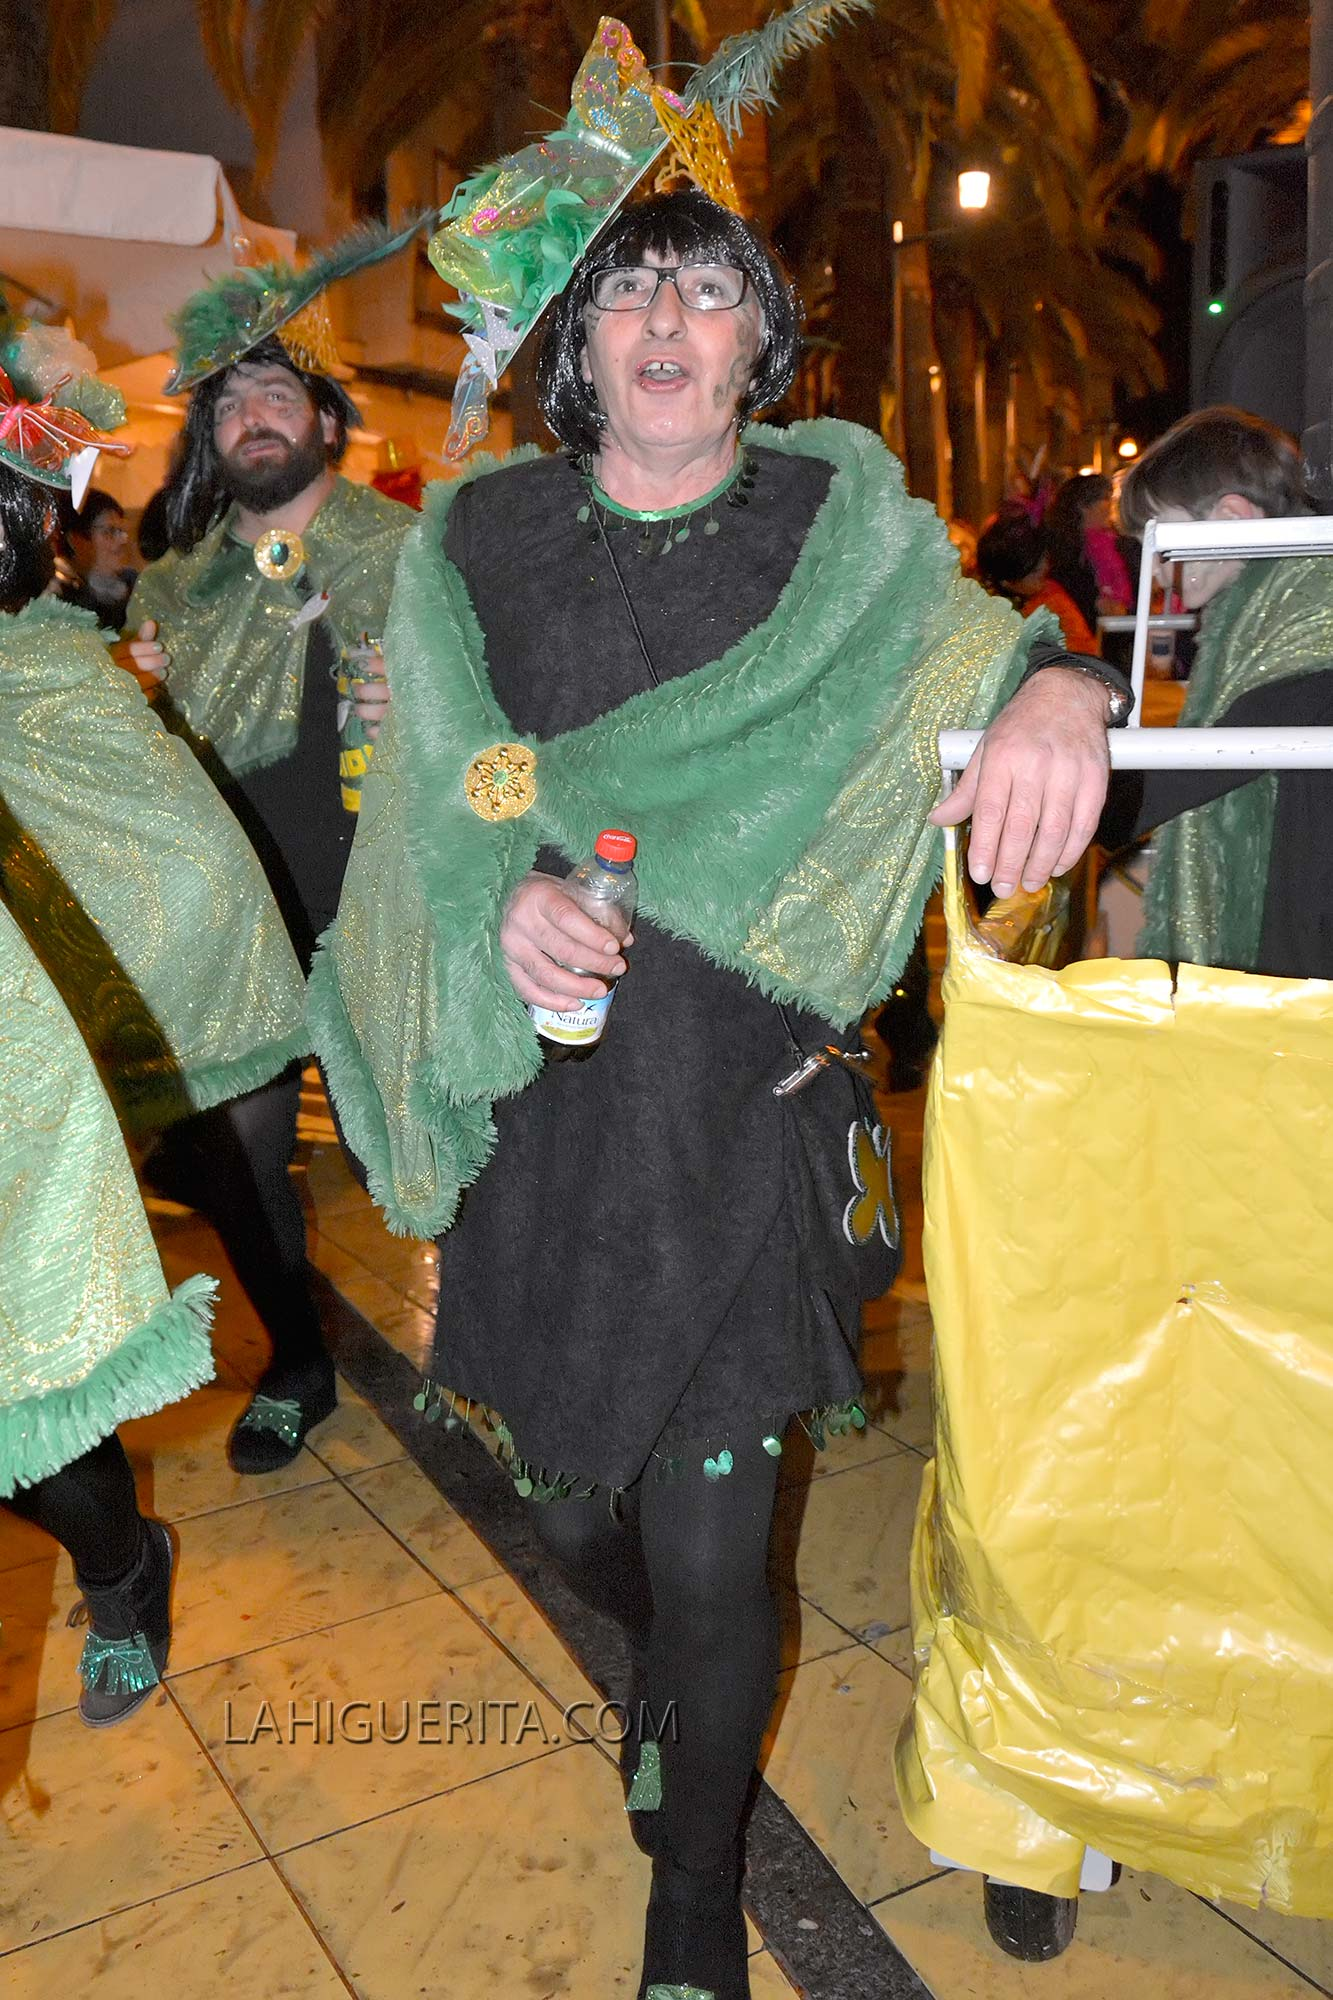 Entierro de la sardina carnaval isla cristina _DSC2047